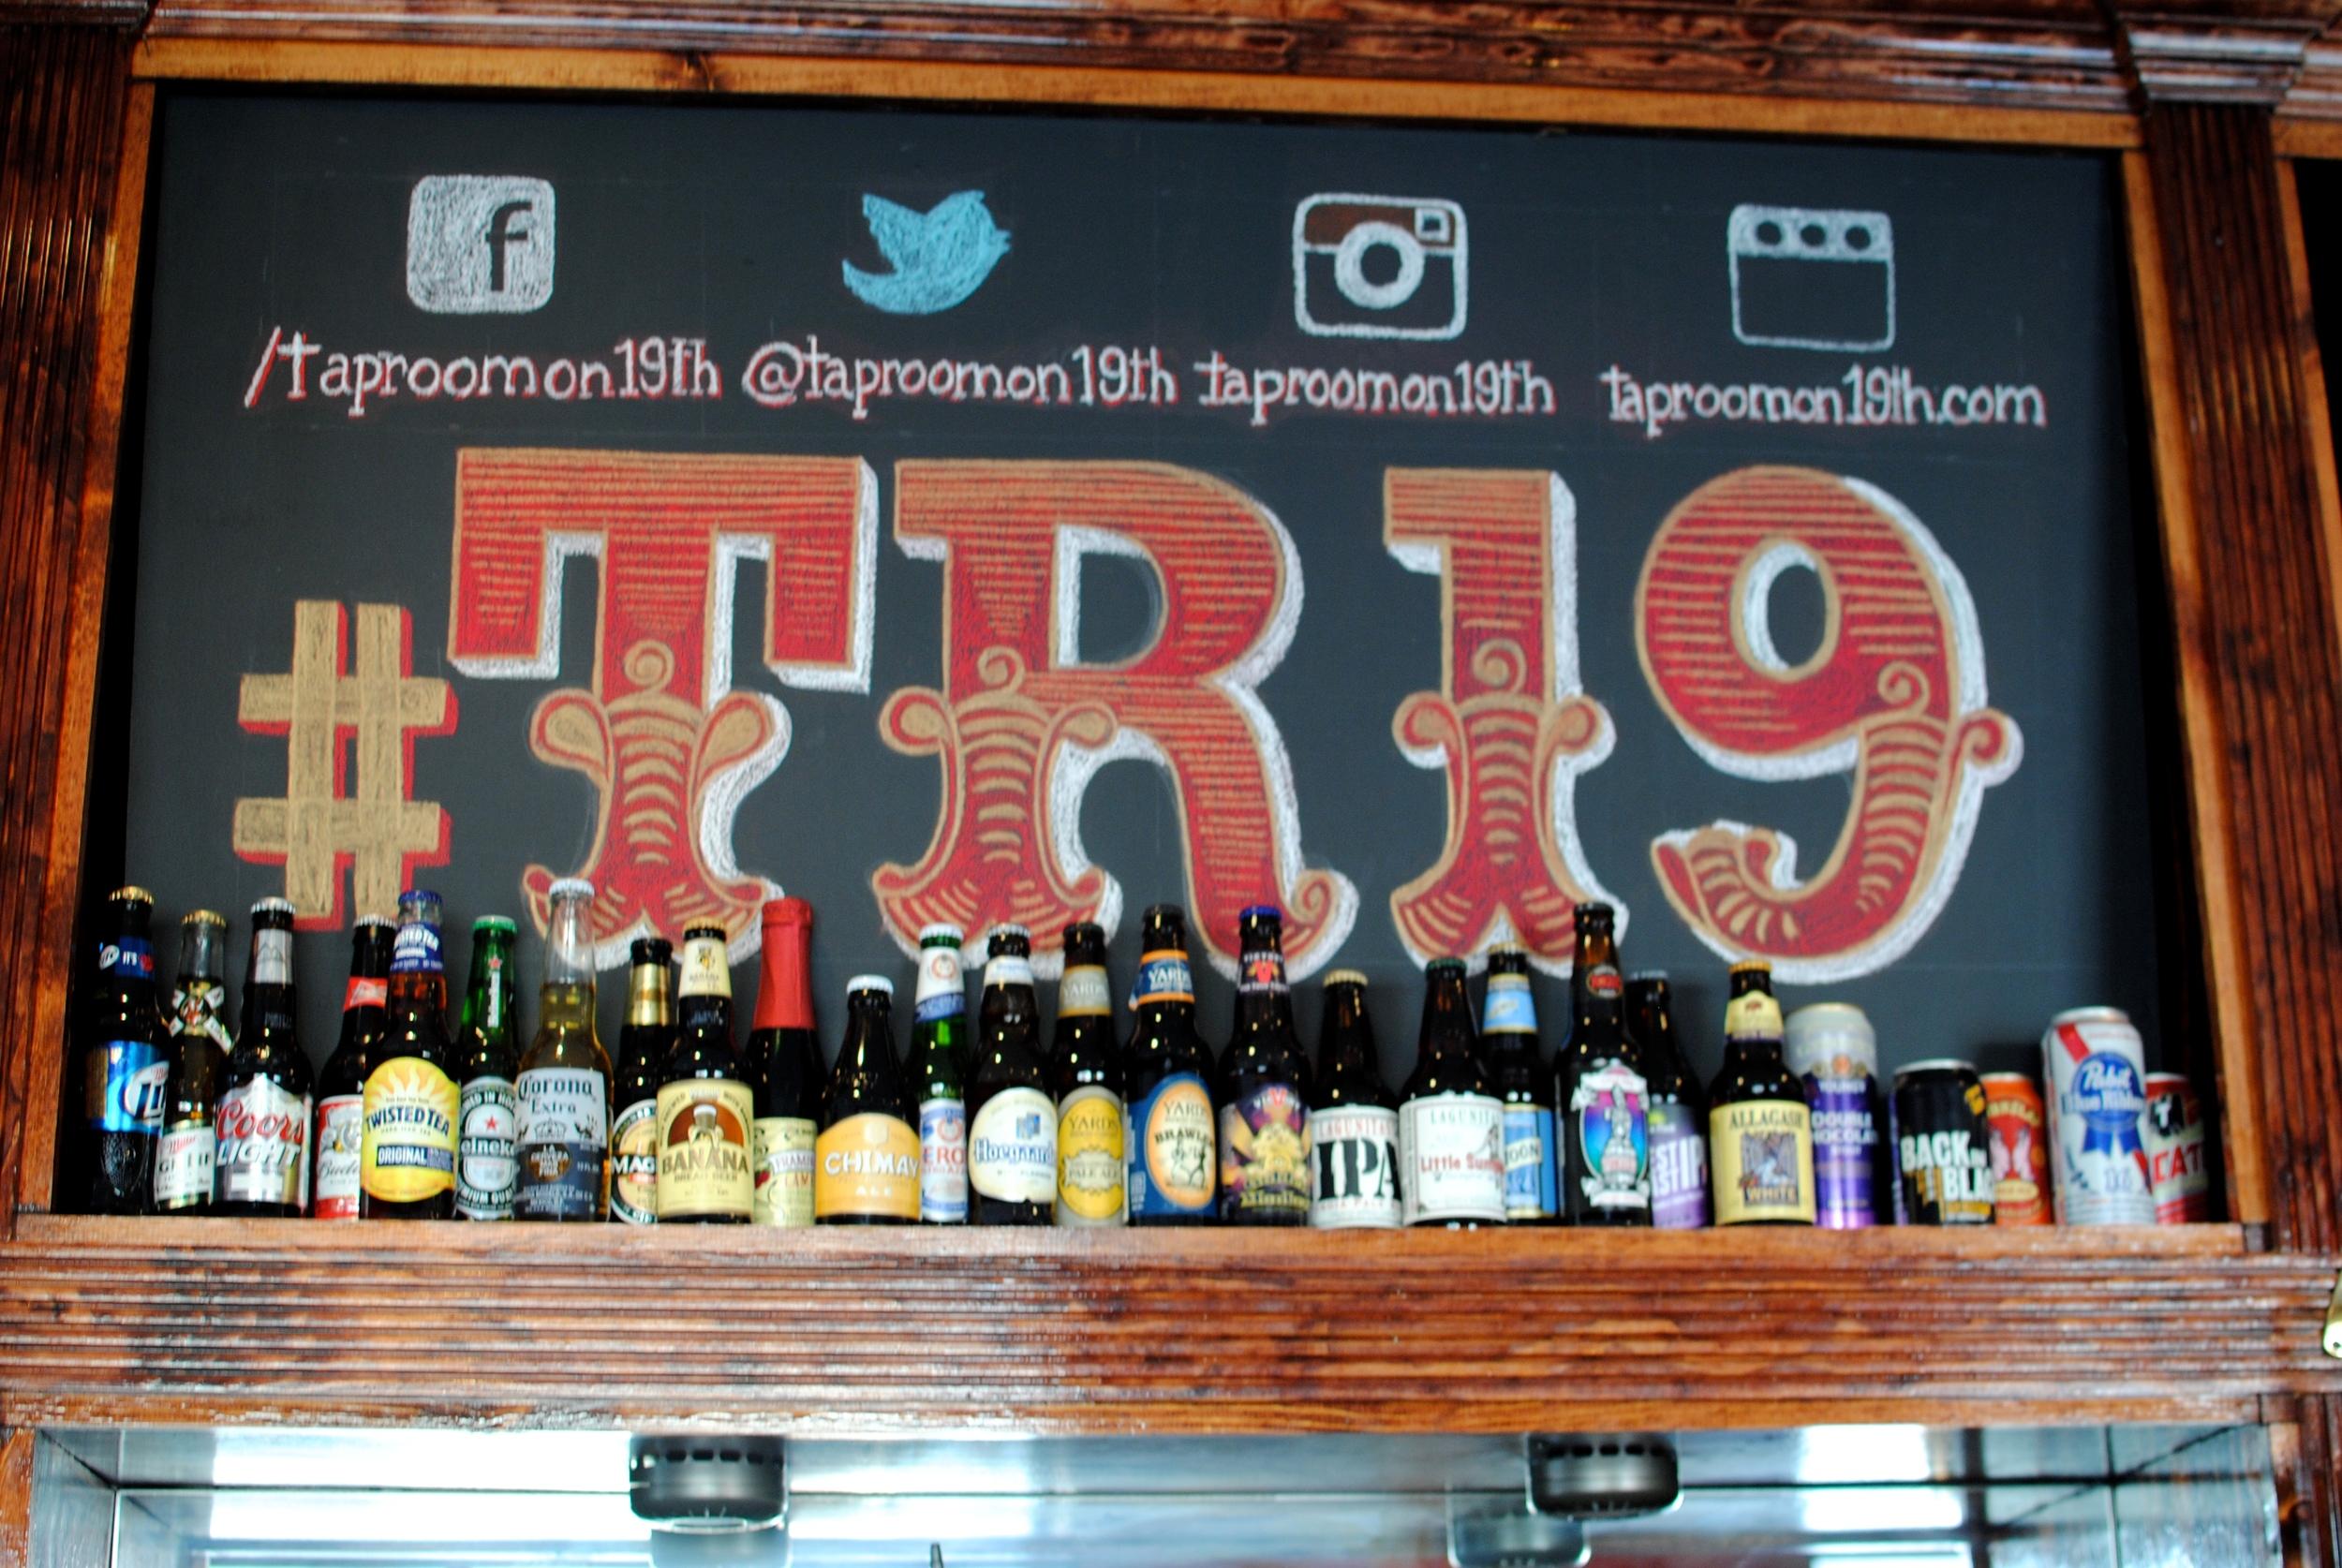 Taproom on 19th, super bowl 50, drink specials, food specials, philadelphia, bar, restaurant, sunday football